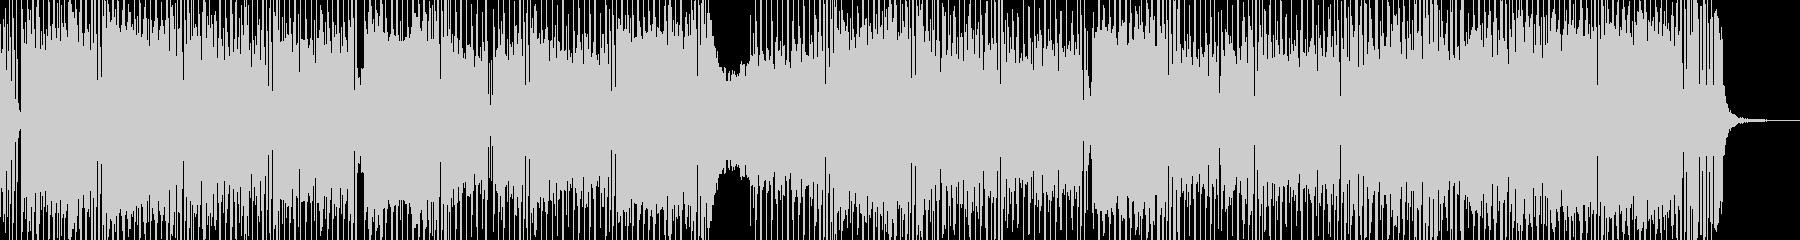 危機・鉄壁の3連符テクノ エレキギター有の未再生の波形